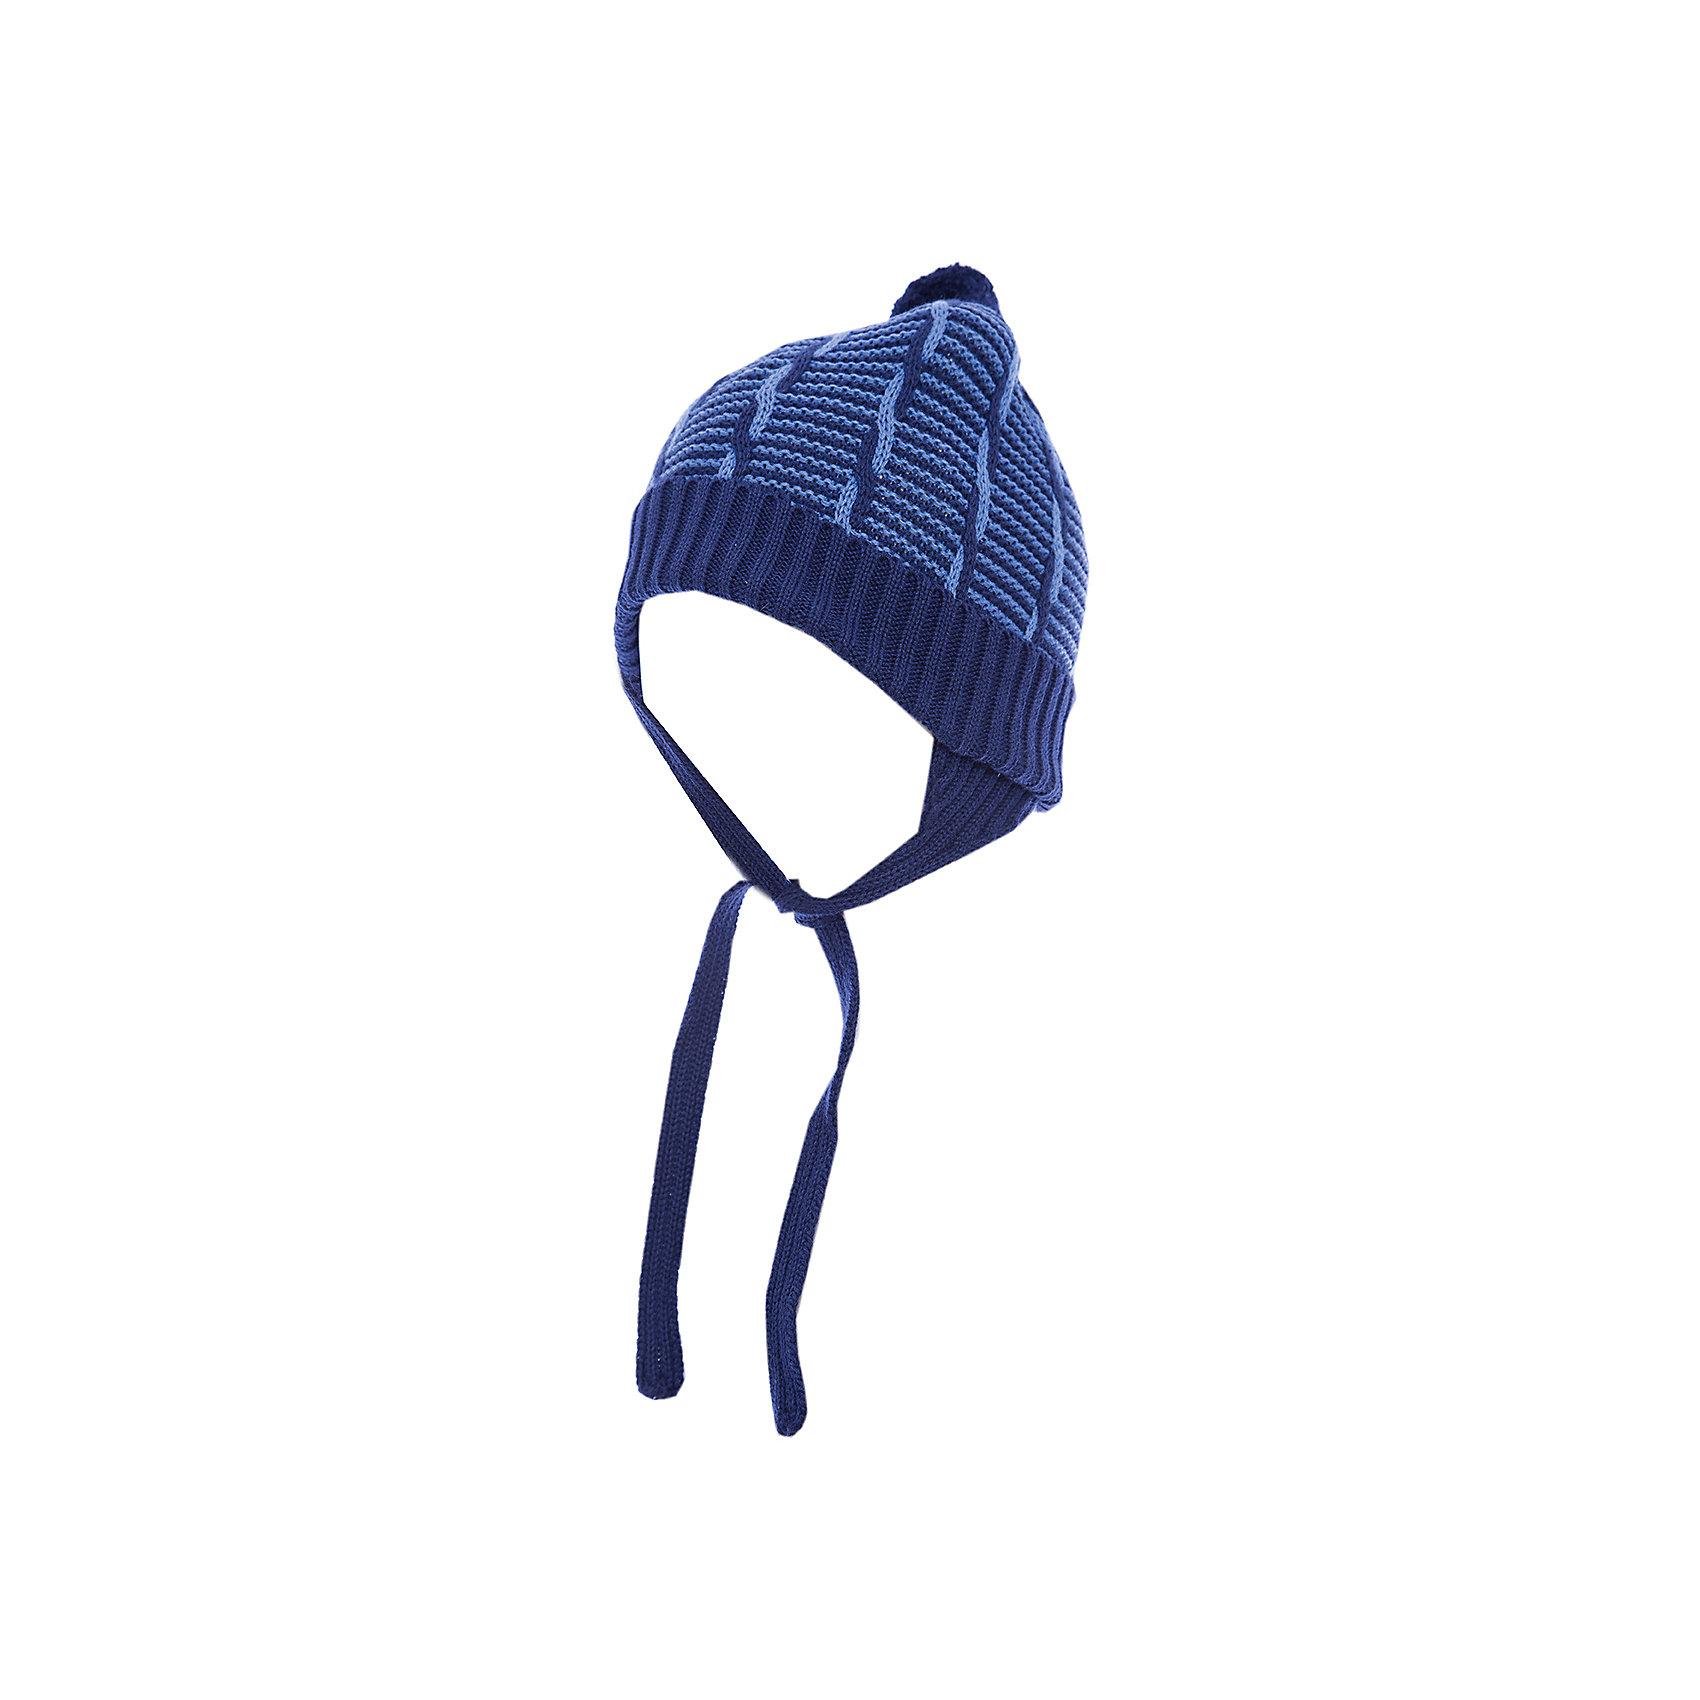 Шапка АртельШапочки<br>Шапка от торговой марки Артель <br><br>Мягкая теплая шапка отлично смотрится на детях и комфортно сидит. Изделие выполнено из качественных материалов.<br>Одежда от бренда Артель – это высокое качество по приемлемой цене и всегда продуманный дизайн. <br><br>Особенности модели: <br>- цвет — синий; <br>- украшена помпоном;<br>- есть завязки; <br>- натуральный хлопок с добавкой пана. <br><br>Дополнительная информация: <br><br>Состав: 50% хлопок, 50% пан.<br><br><br>Температурный режим: <br>от -10 °C до +10 °C <br><br>Шапку Артель (Artel) можно купить в нашем магазине.<br><br>Ширина мм: 89<br>Глубина мм: 117<br>Высота мм: 44<br>Вес г: 155<br>Цвет: синий<br>Возраст от месяцев: 9<br>Возраст до месяцев: 12<br>Пол: Мужской<br>Возраст: Детский<br>Размер: 46,52,44,48,50<br>SKU: 4500593